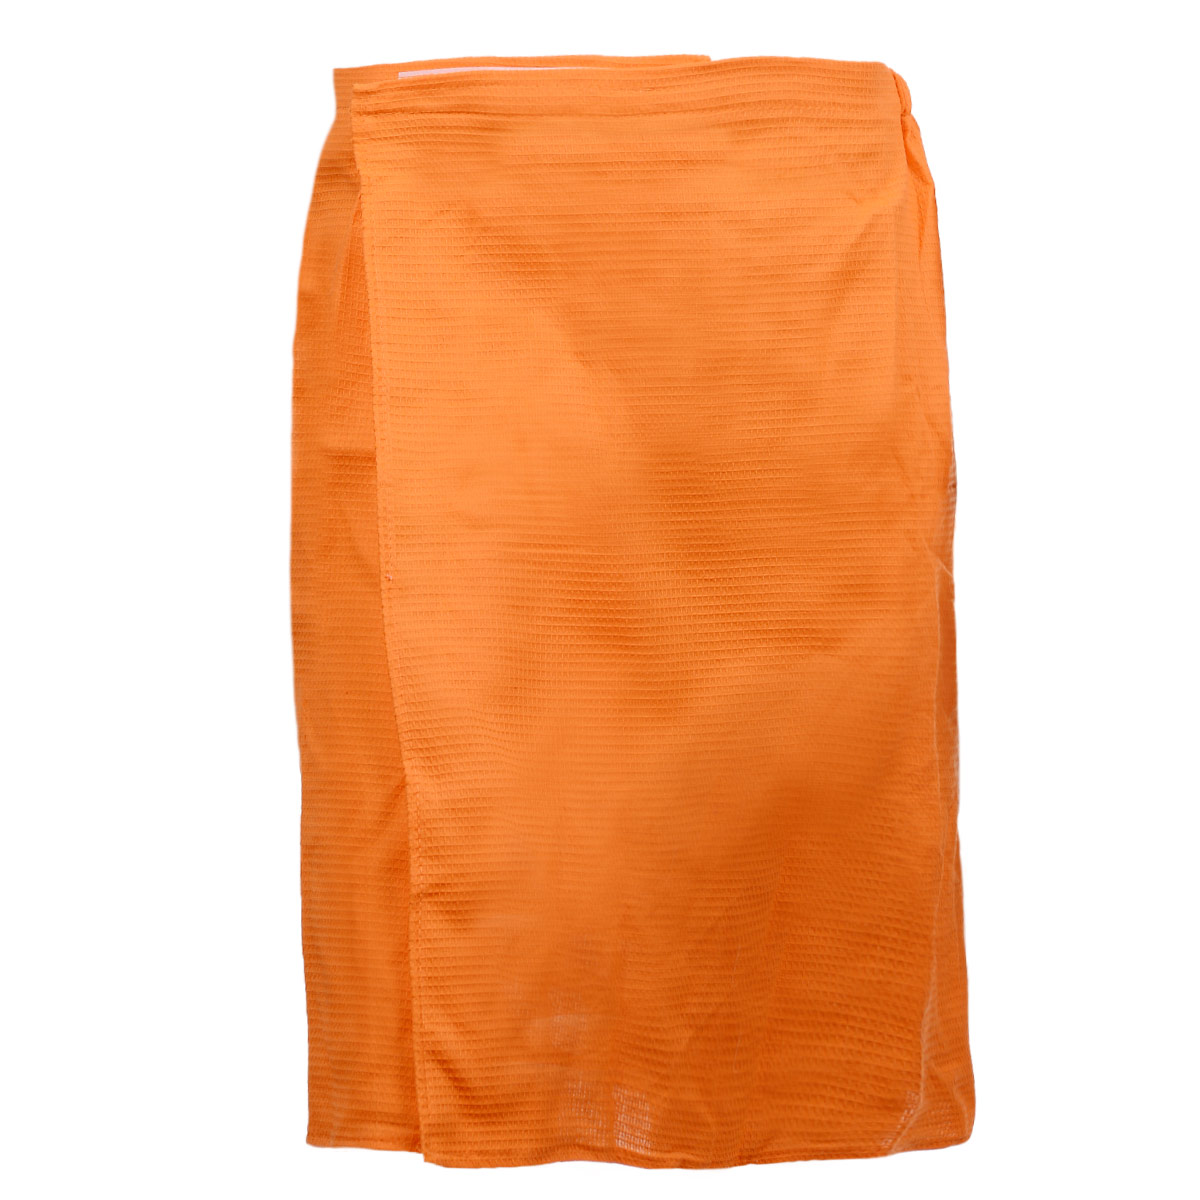 Килт для бани и сауны Банные штучки, мужской, цвет: оранжевый килт махровый фиолетовый